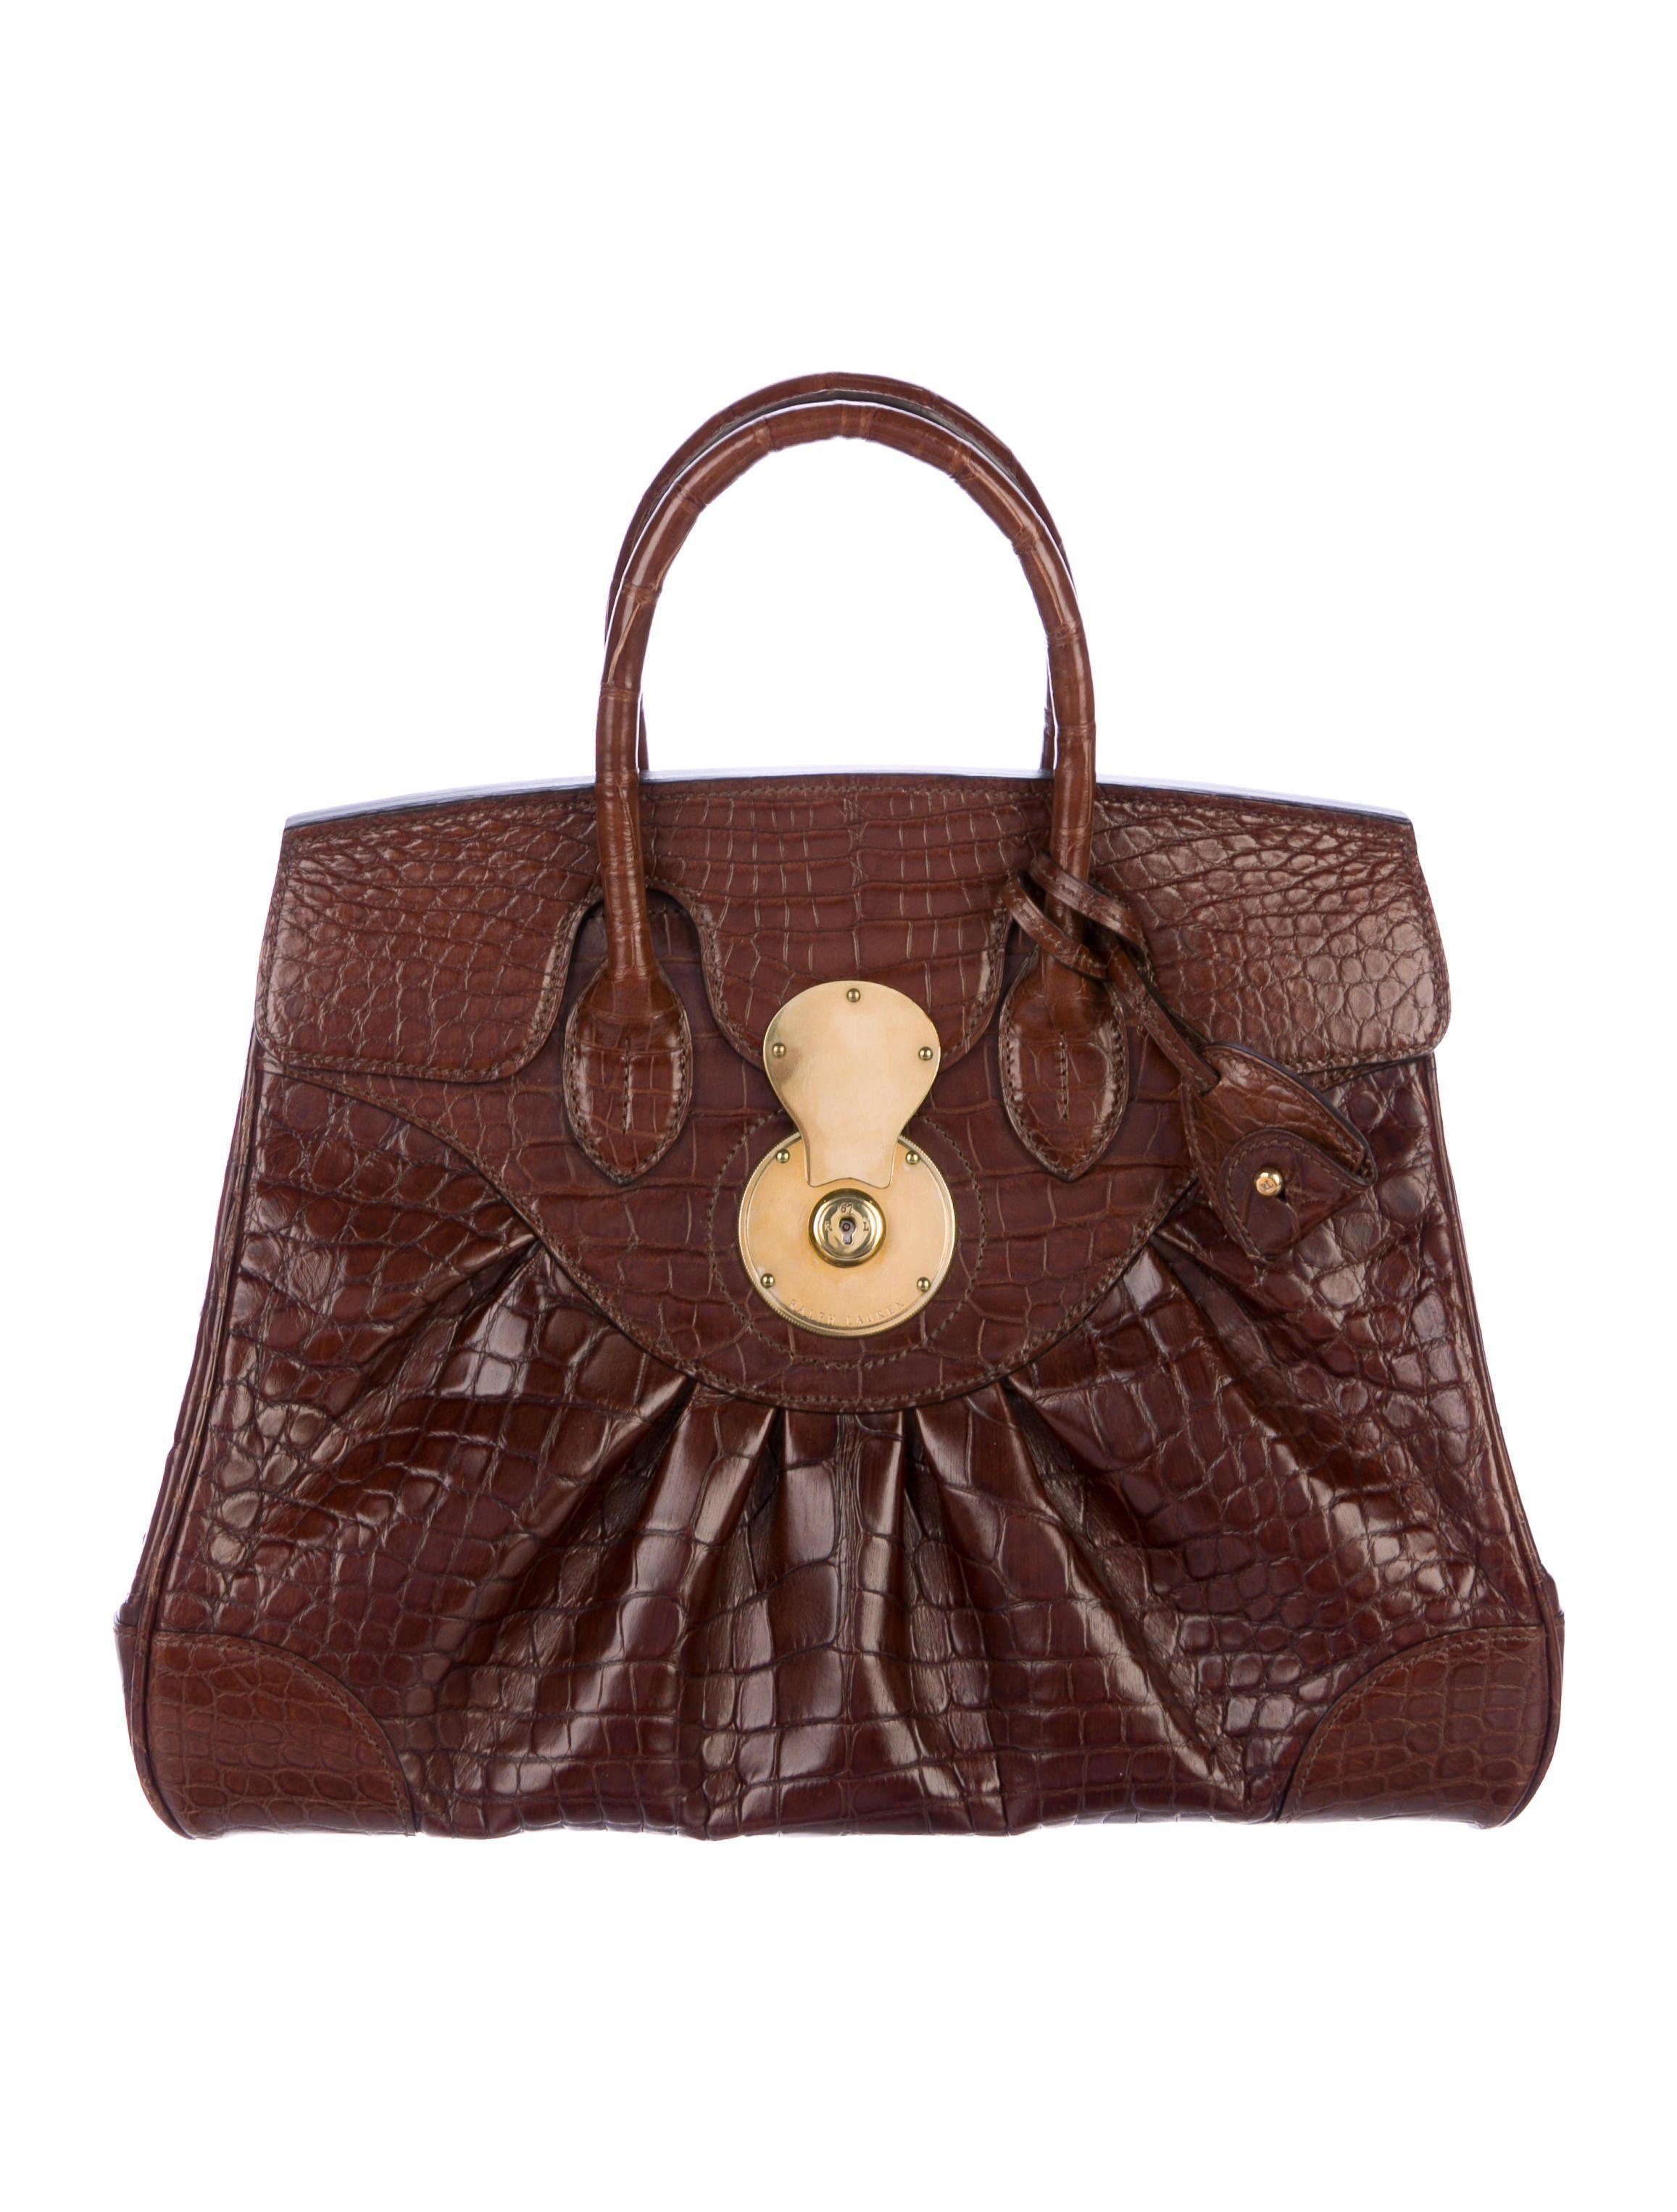 217a4f86a56a ... sweden luxury online shopping ralph lauren alligator ricky bag 2f3b1  b776d